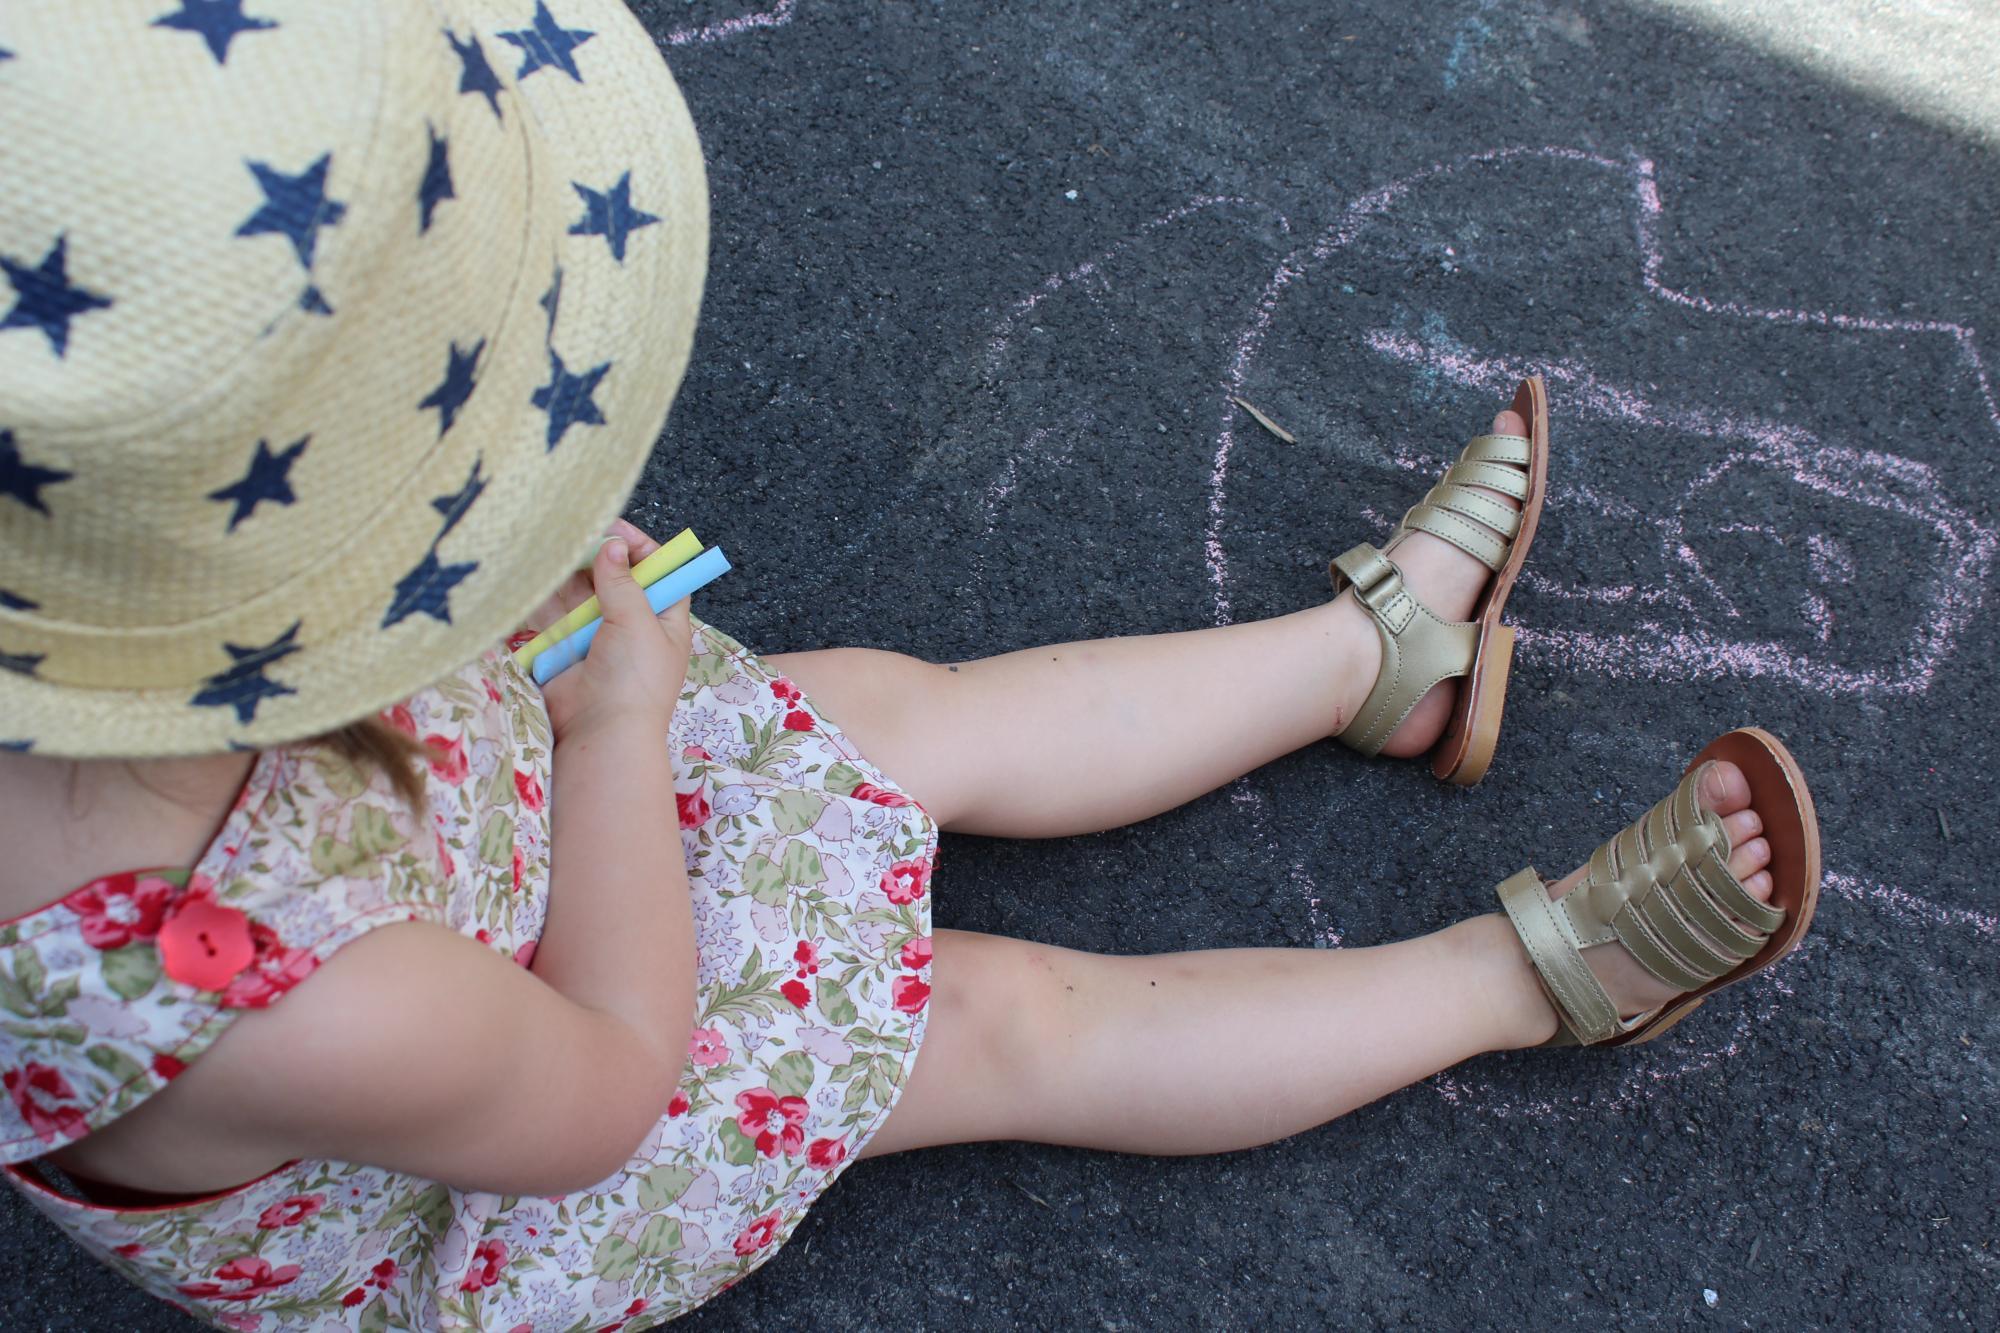 Penota élargit son offre pour le plaisir des petits pieds et des parents!